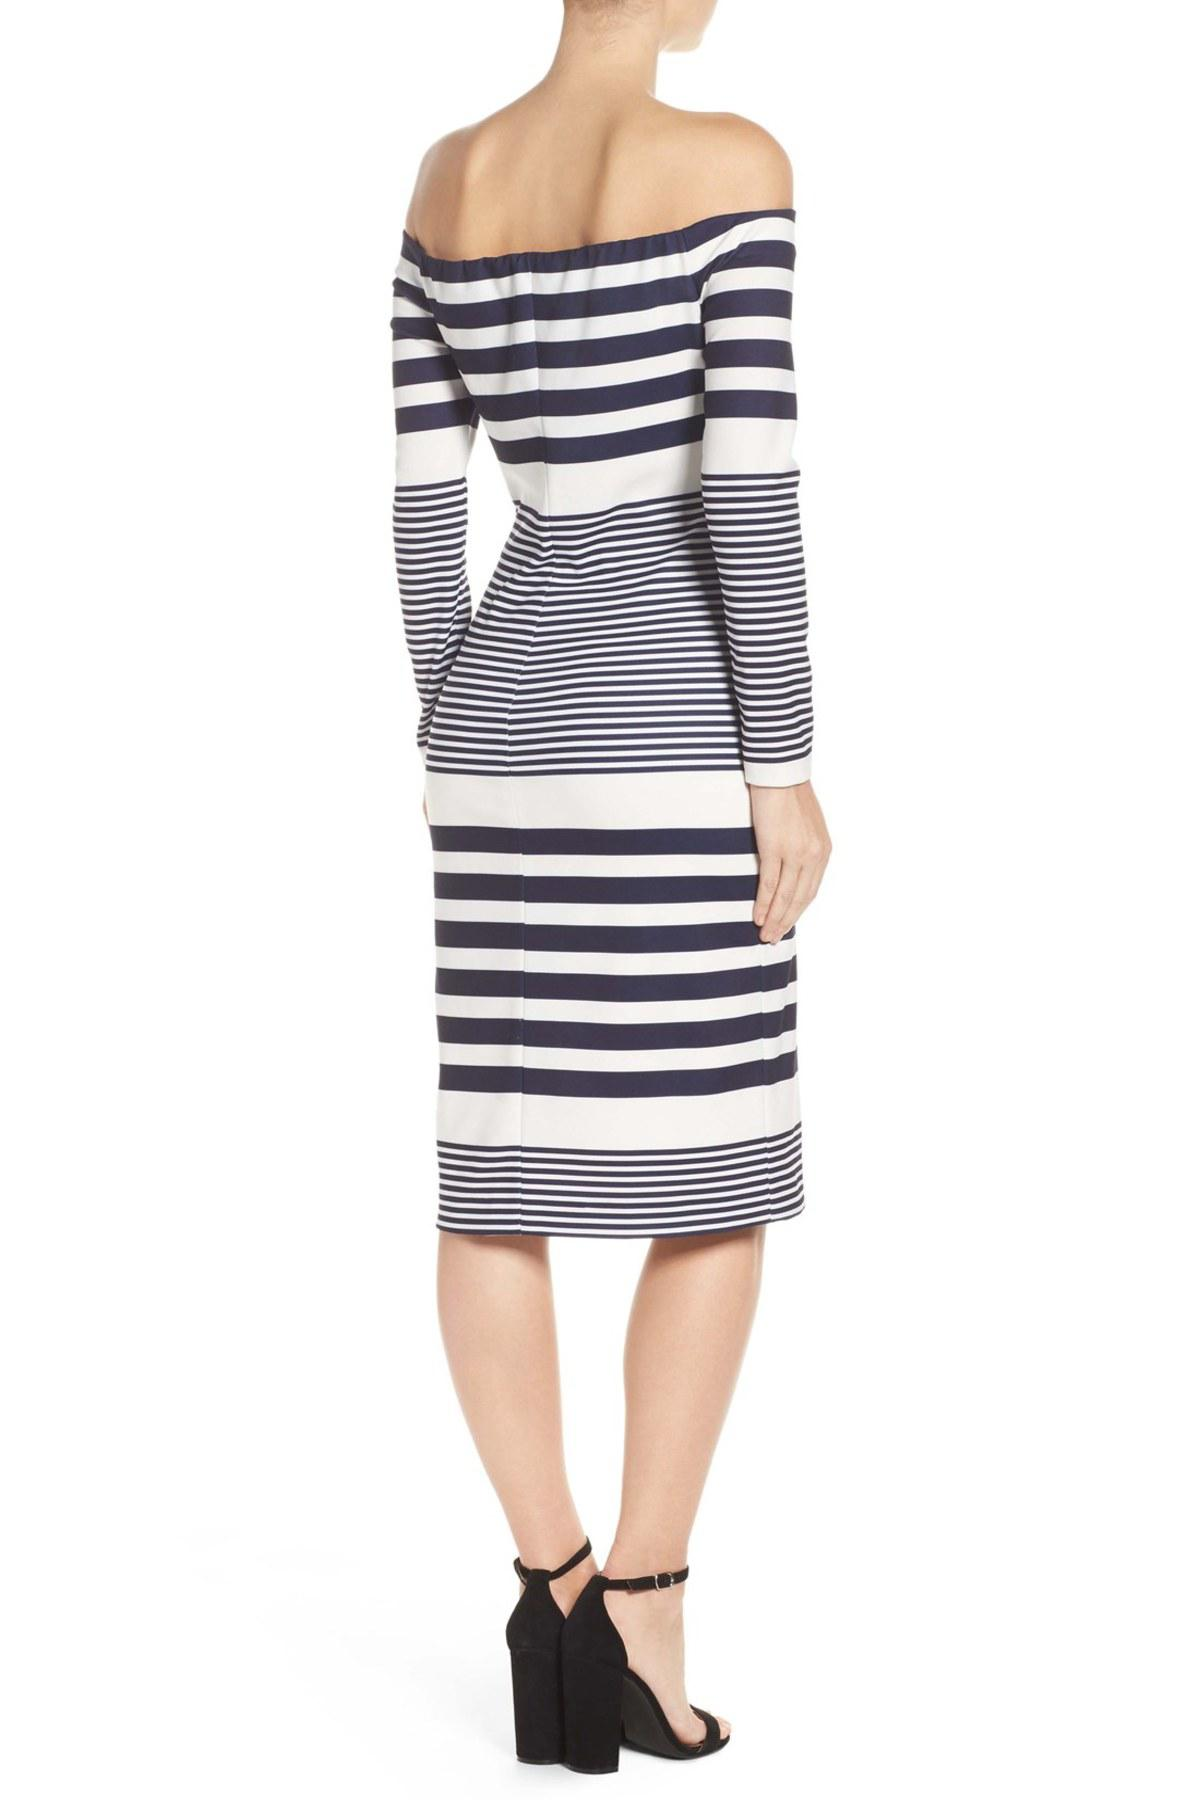 cc692e6fe1f Lyst - Eliza J Off The Shoulder Midi Dress in White - Save ...